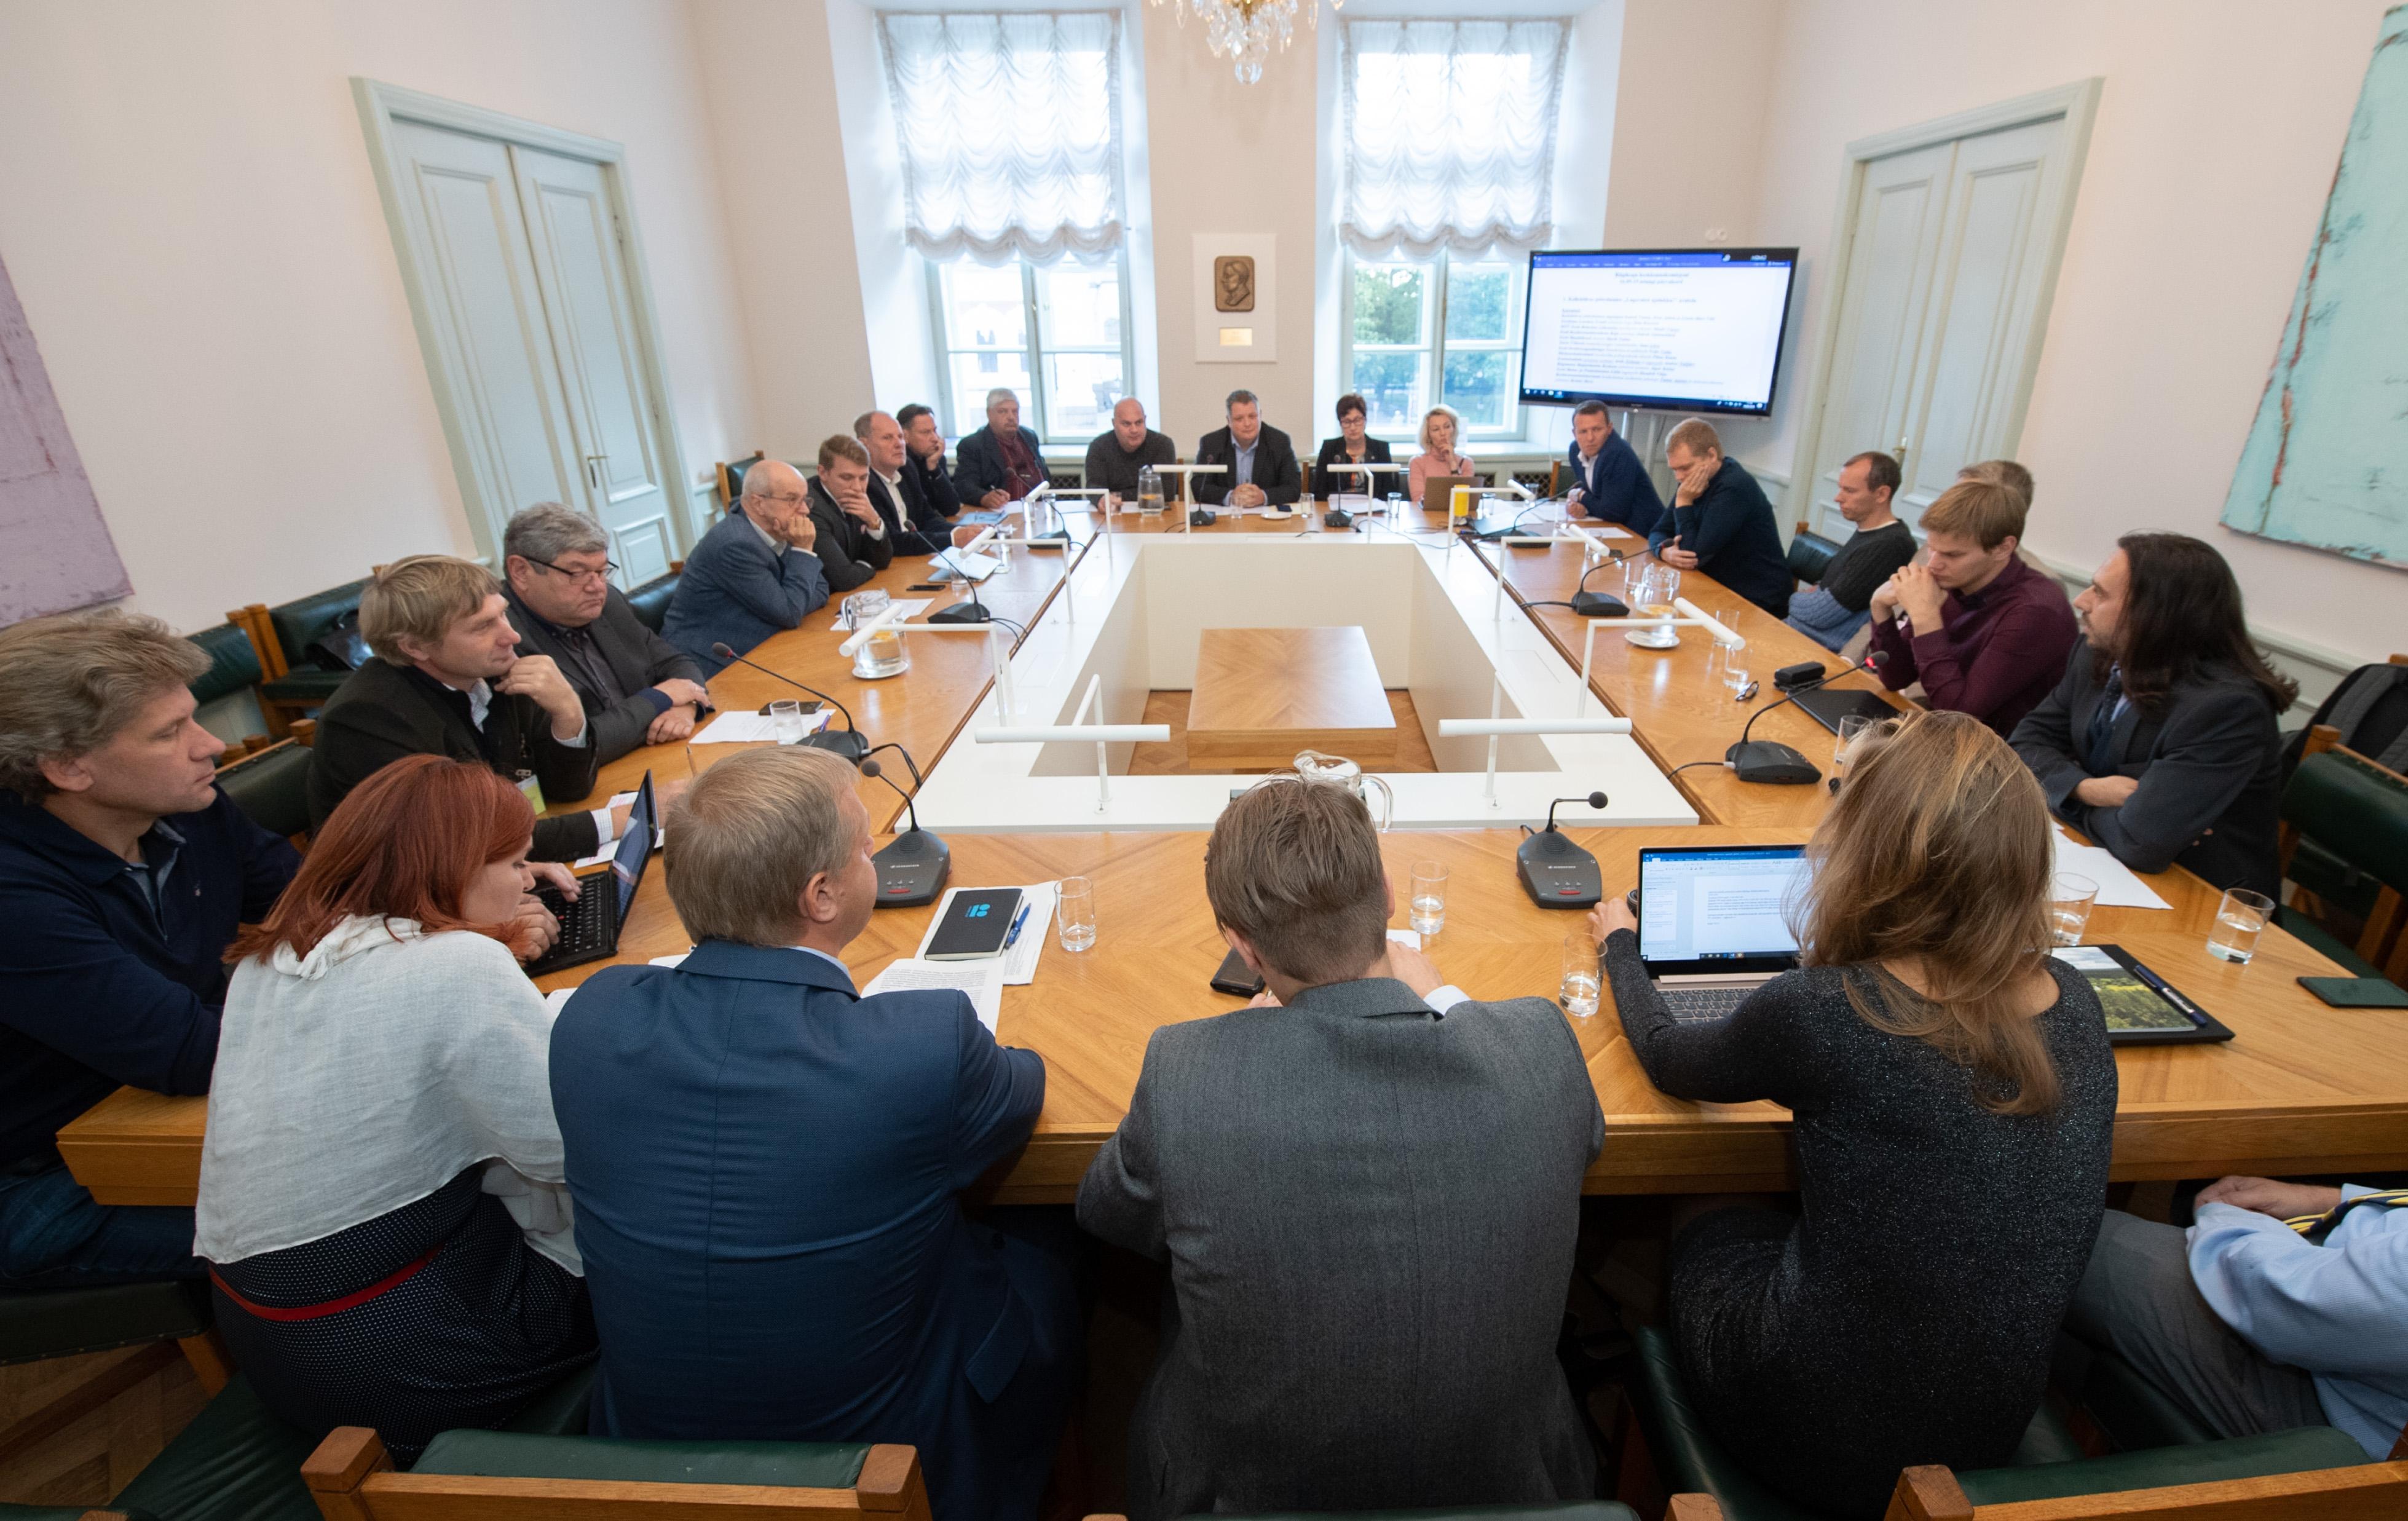 Keskkonnakomisjon arutas lageraietega seotud kollektiivset pöördumist